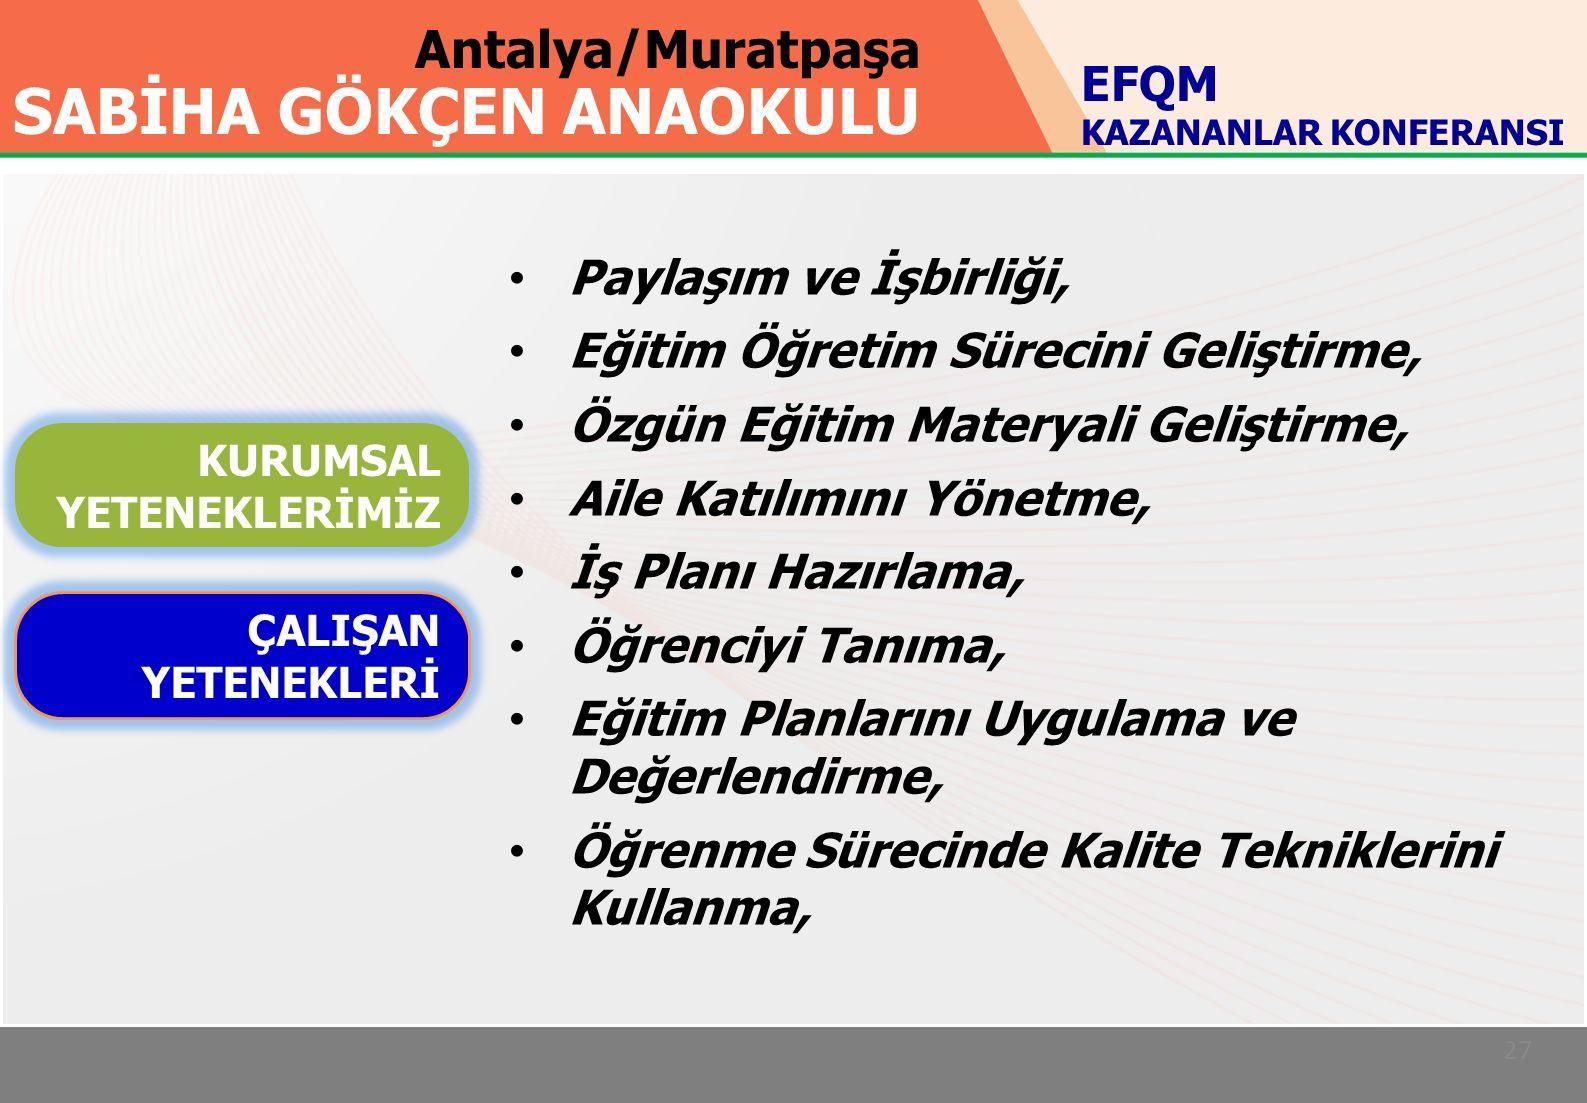 Antalya/Muratpaşa SABİHA GÖKÇEN ANAOKULU 27 KURUMSAL YETENEKLERİMİZ ÇALIŞAN YETENEKLERİ EFQM KAZANANLAR KONFERANSI Paylaşım ve İşbirliği, Eğitim Öğretim Sürecini Geliştirme, Özgün Eğitim Materyali Geliştirme, Aile Katılımını Yönetme, İş Planı Hazırlama, Öğrenciyi Tanıma, Eğitim Planlarını Uygulama ve Değerlendirme, Öğrenme Sürecinde Kalite Tekniklerini Kullanma,